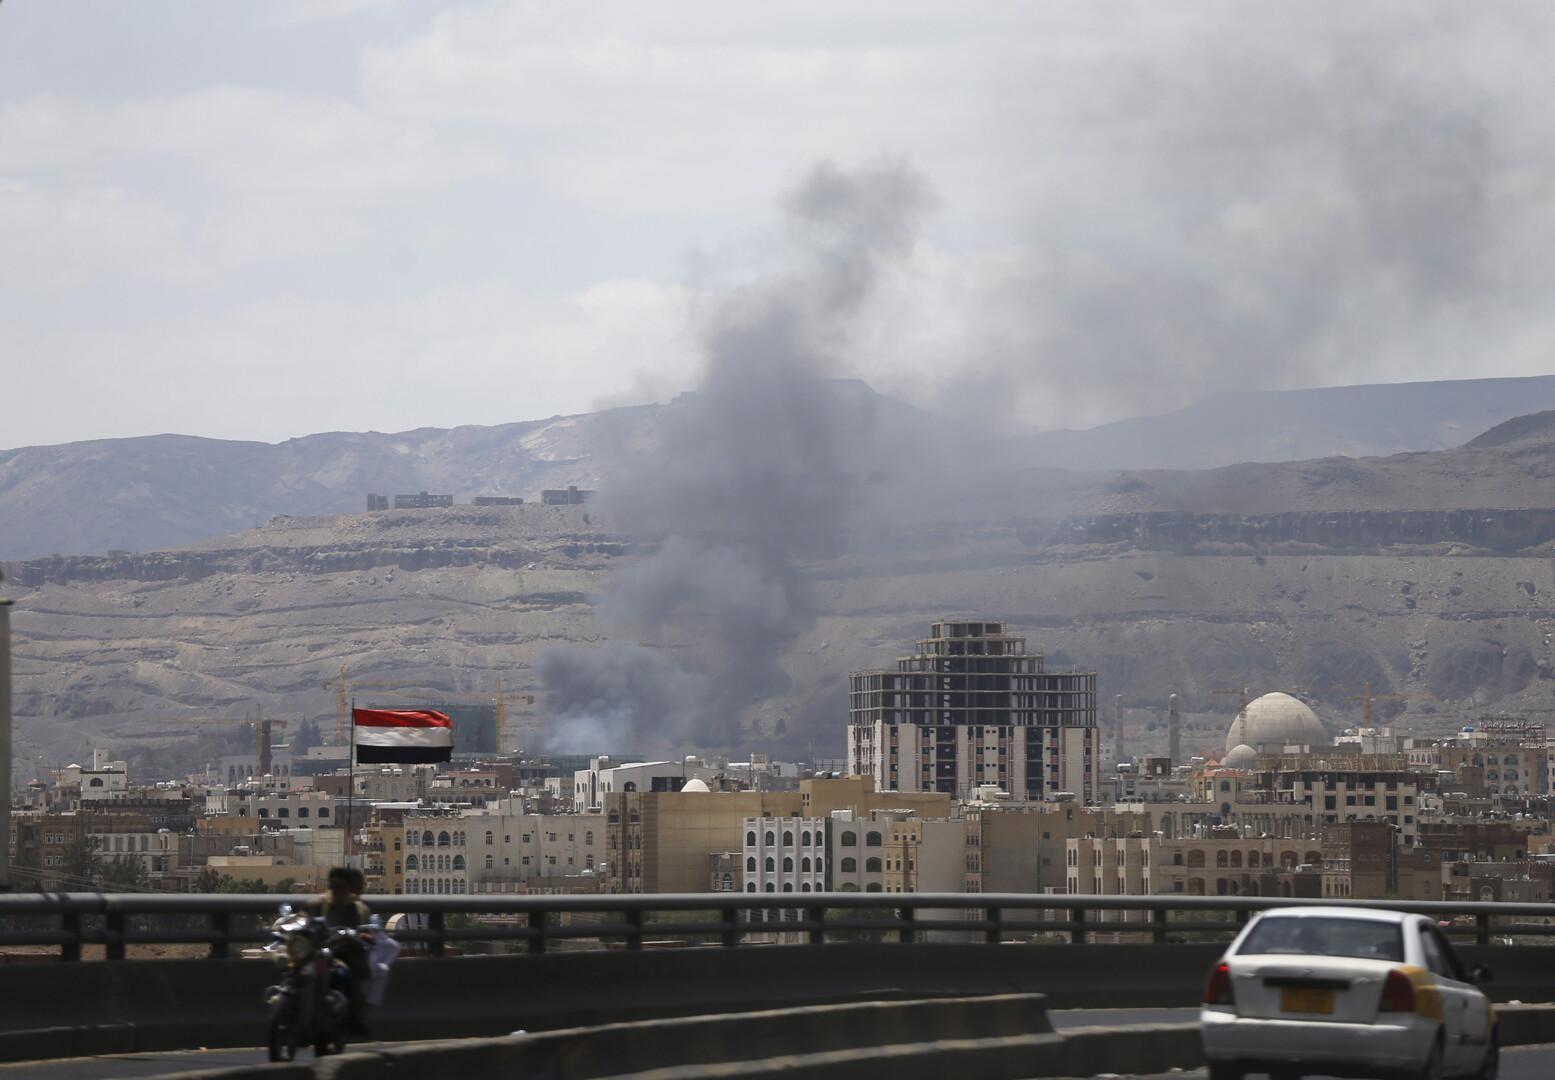 التحالف العربي بقيادة السعودية يرفض تقريرا أمميا حول اليمن ويصفه بالمتحيز